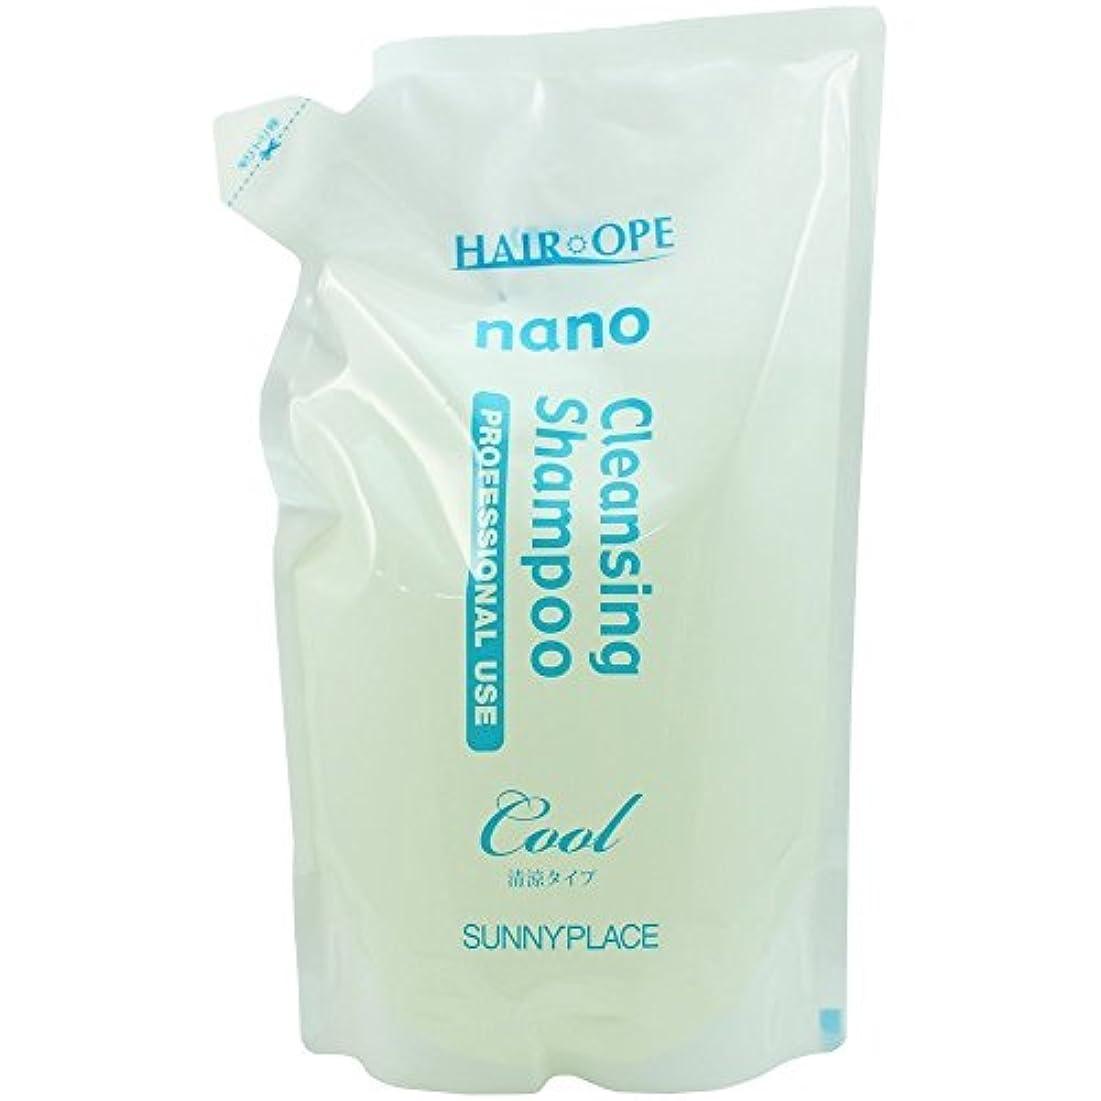 小包放映茎サニープレイス ヘアオペ ナノ クレンジングシャンプー レフィル800ml 清涼タイプ